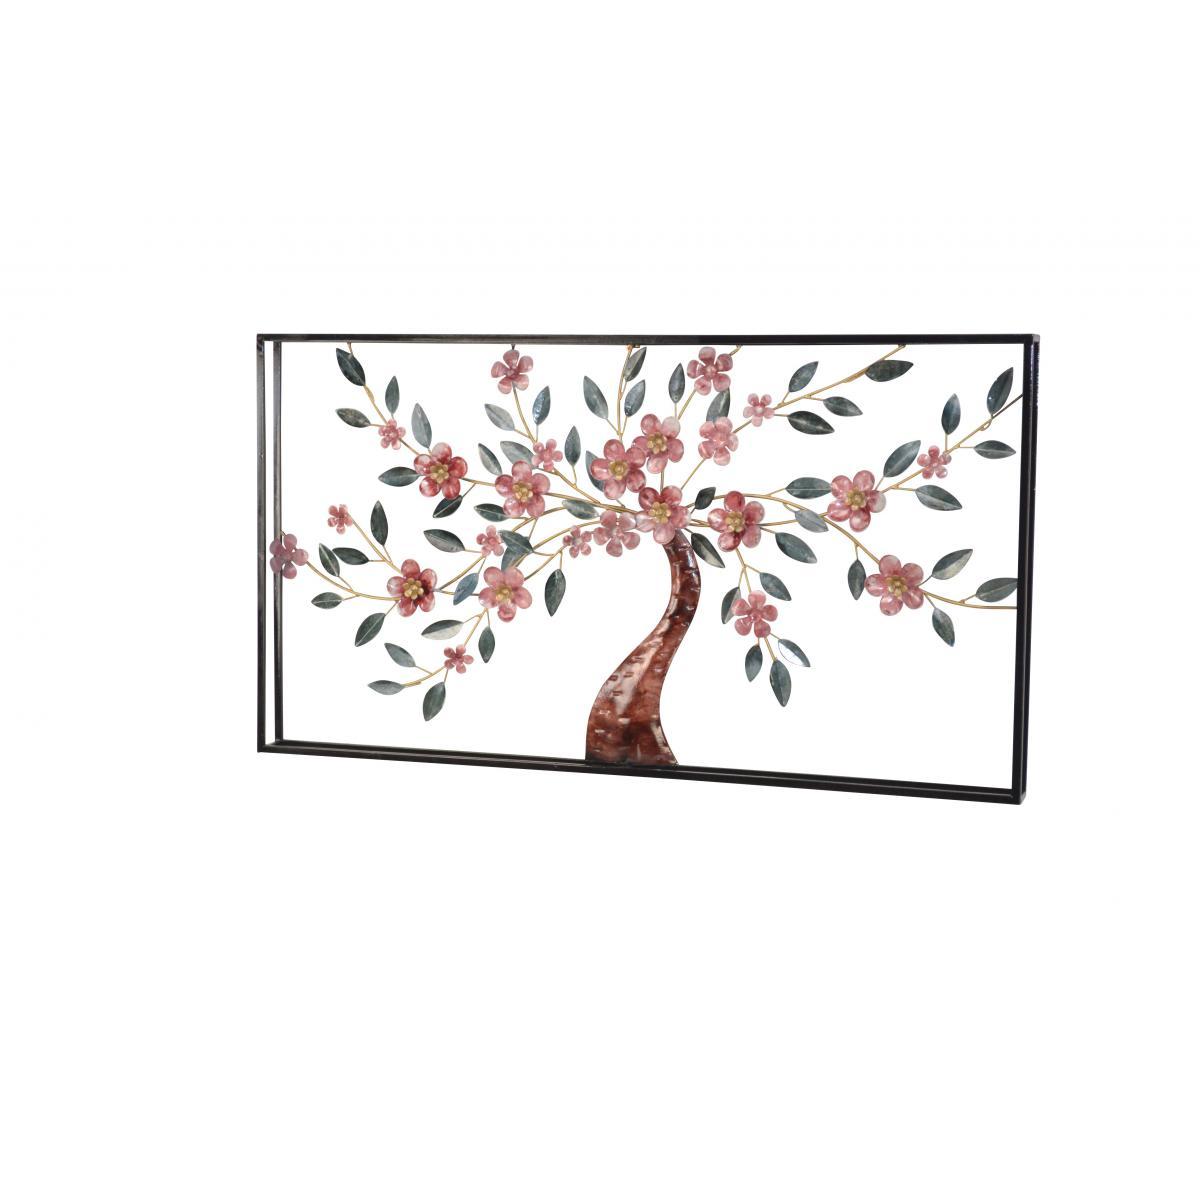 Decoshop26 Décoration murale motif cerisier à fleurs en métal vert et or 91x6x50 cm DEC05073